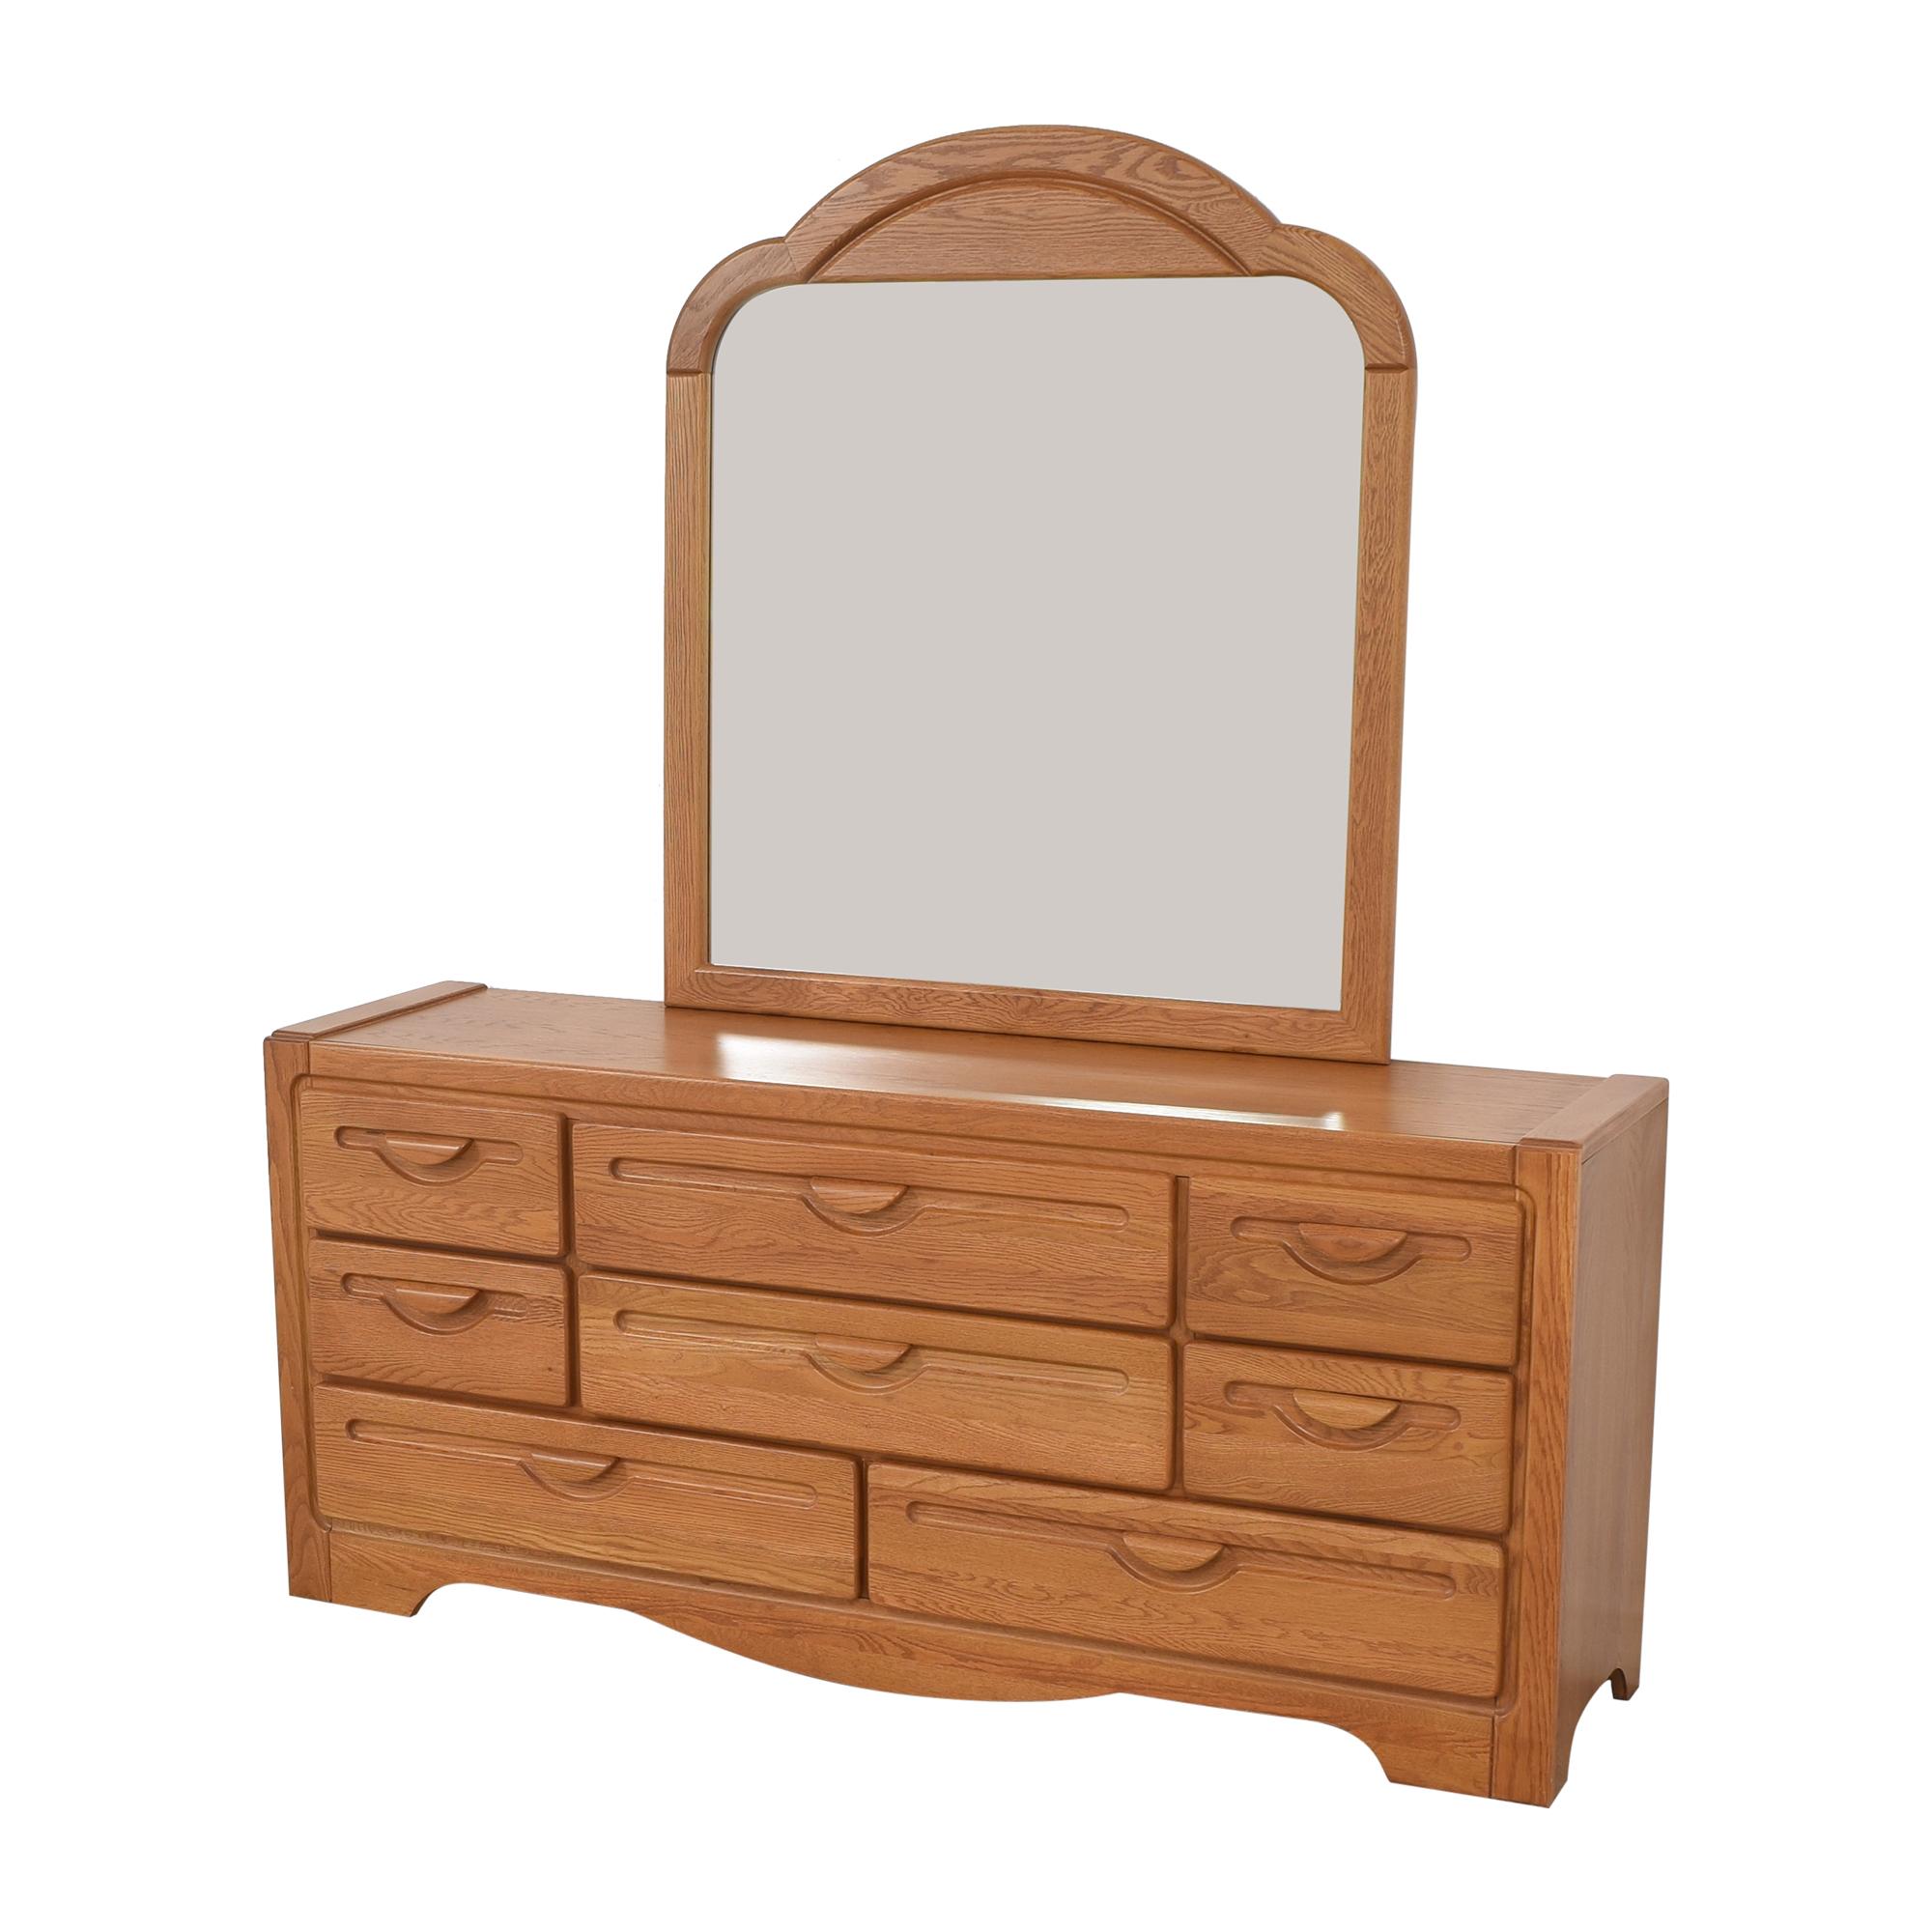 Webb Furniture Webb Furniture Dresser with Mirror Storage